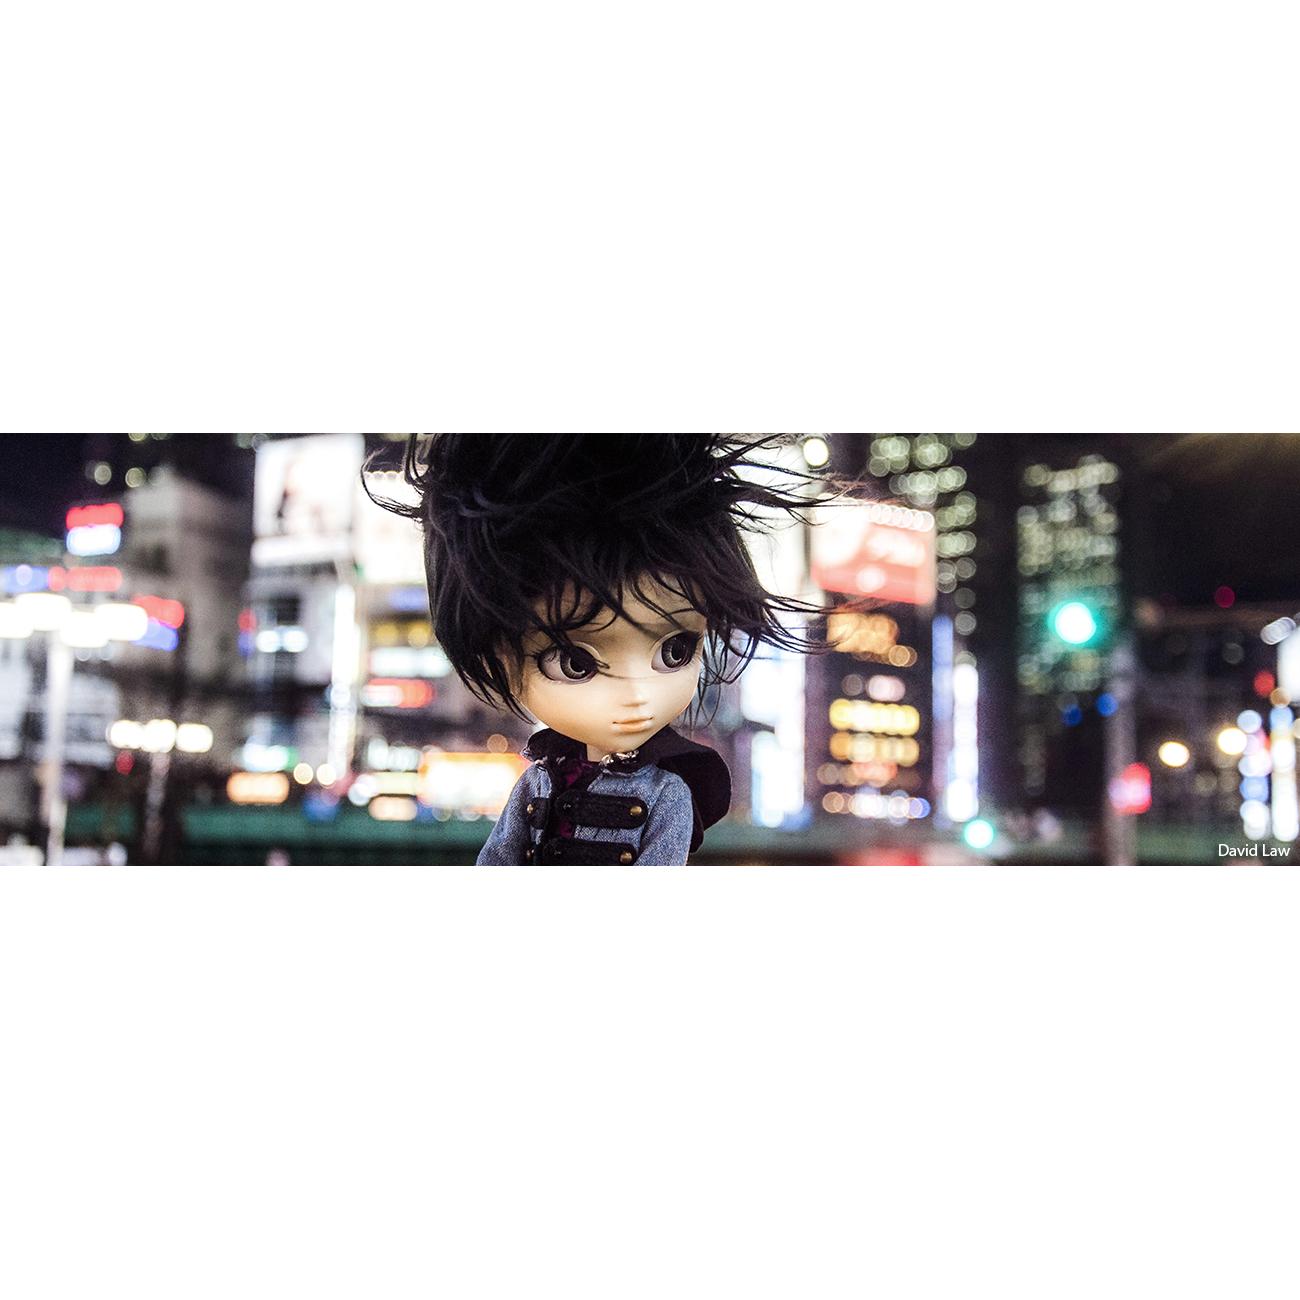 Tokyo's Lights 30x90 copie